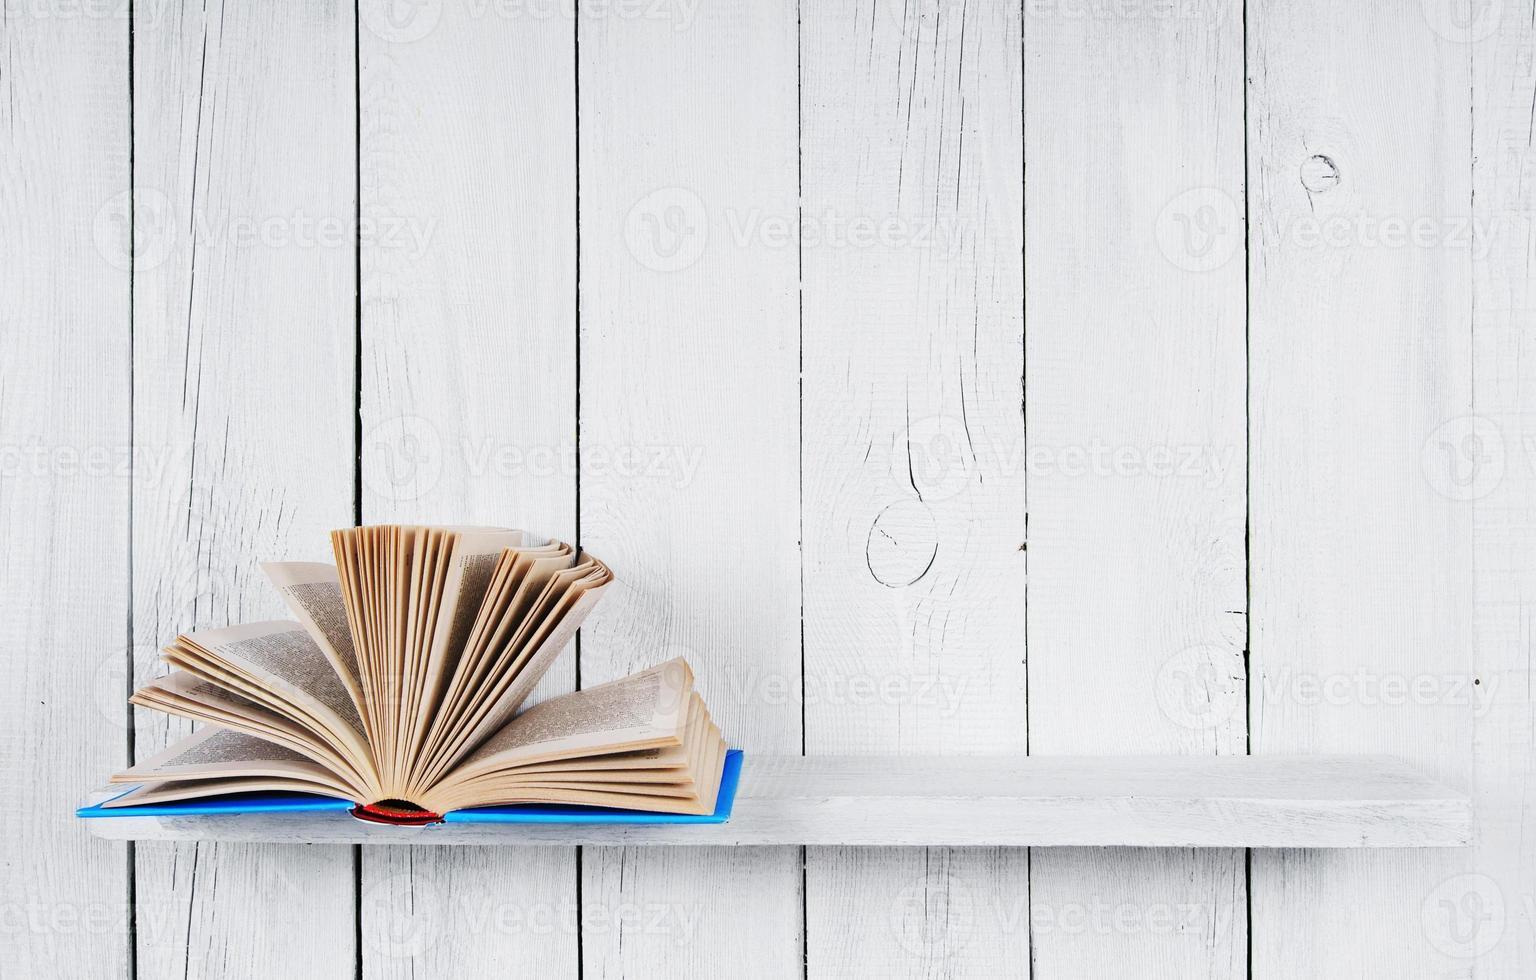 El libro abierto en un estante de madera. foto